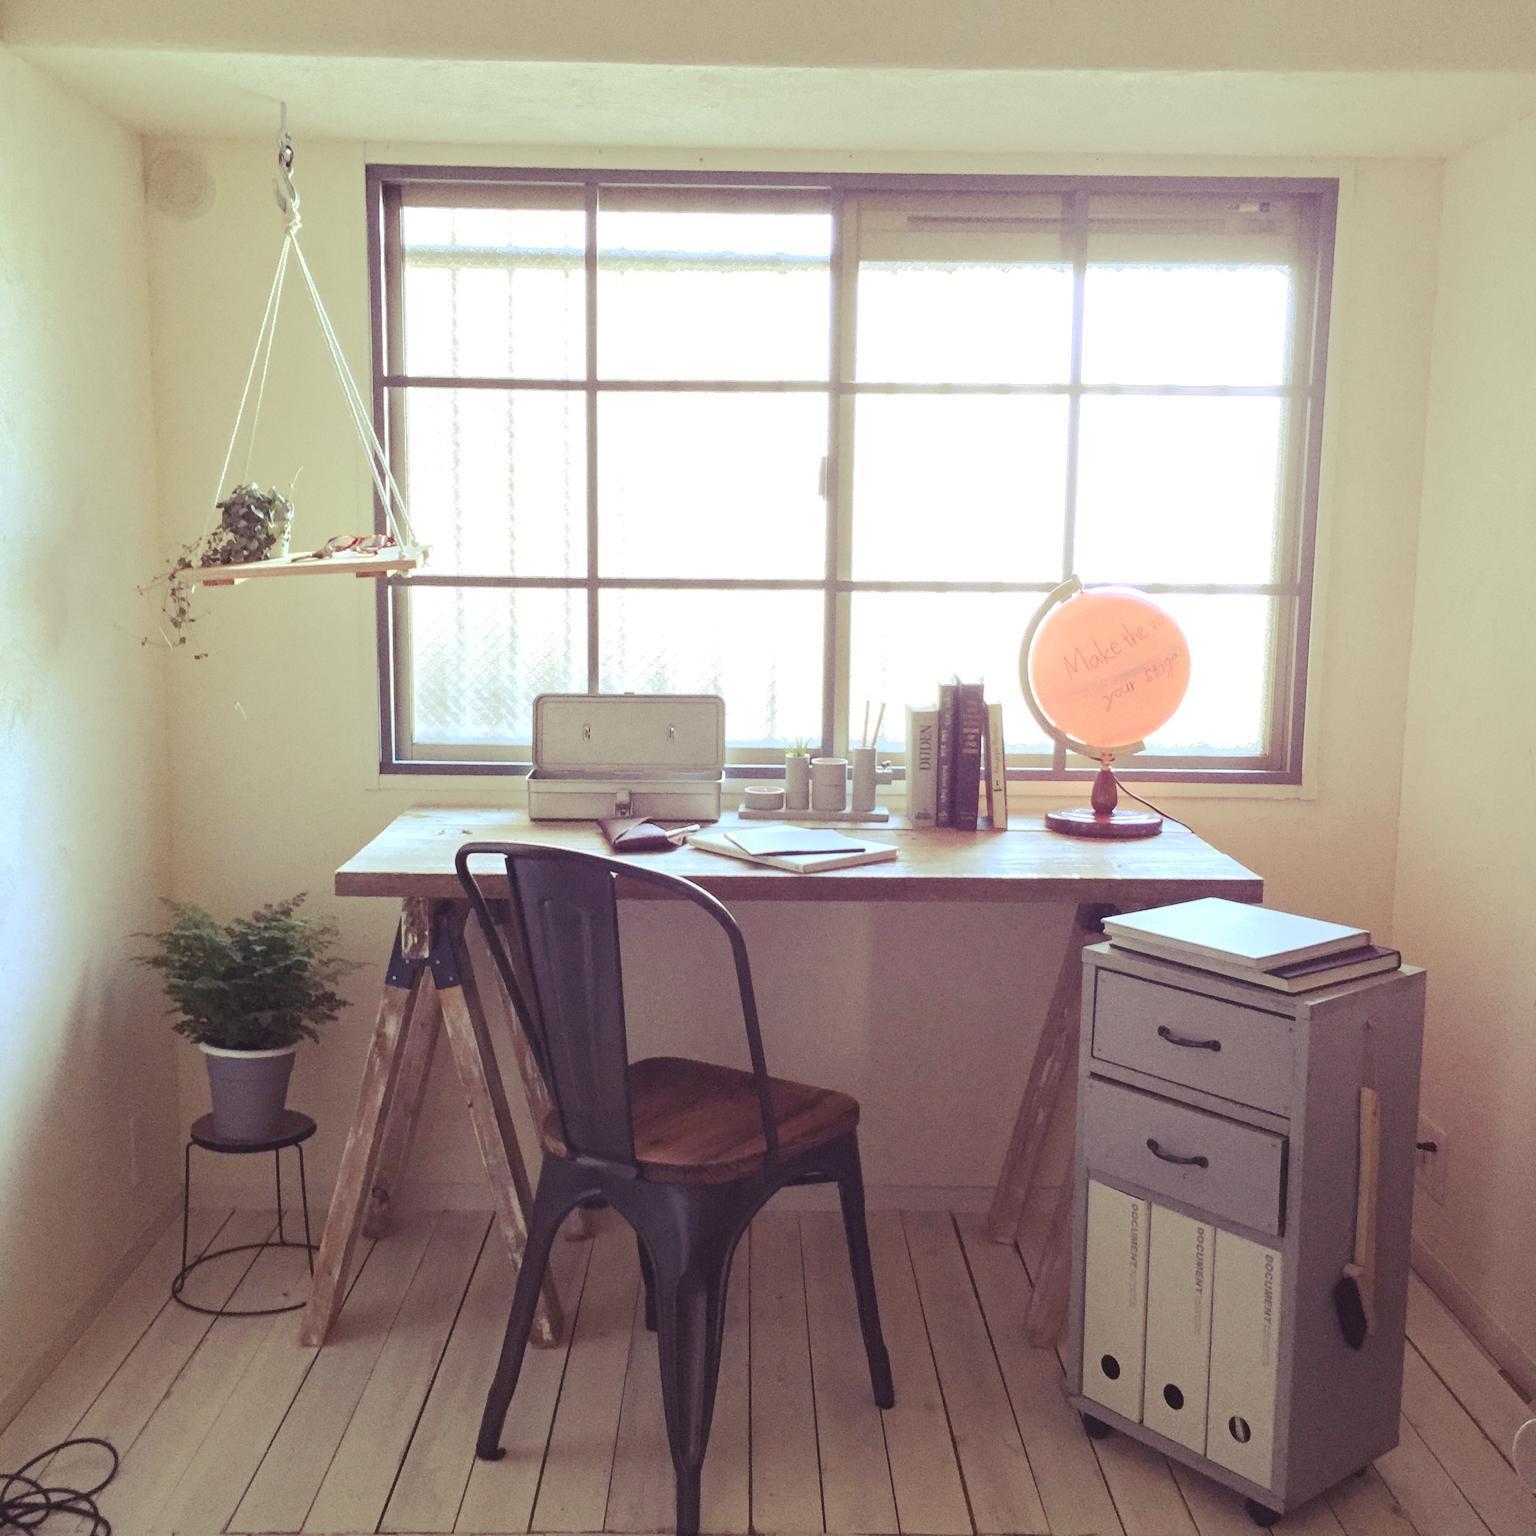 オシャレなワークスペースのあるお部屋 | RoomClip mag | 暮らしとインテリアのwebマガジン